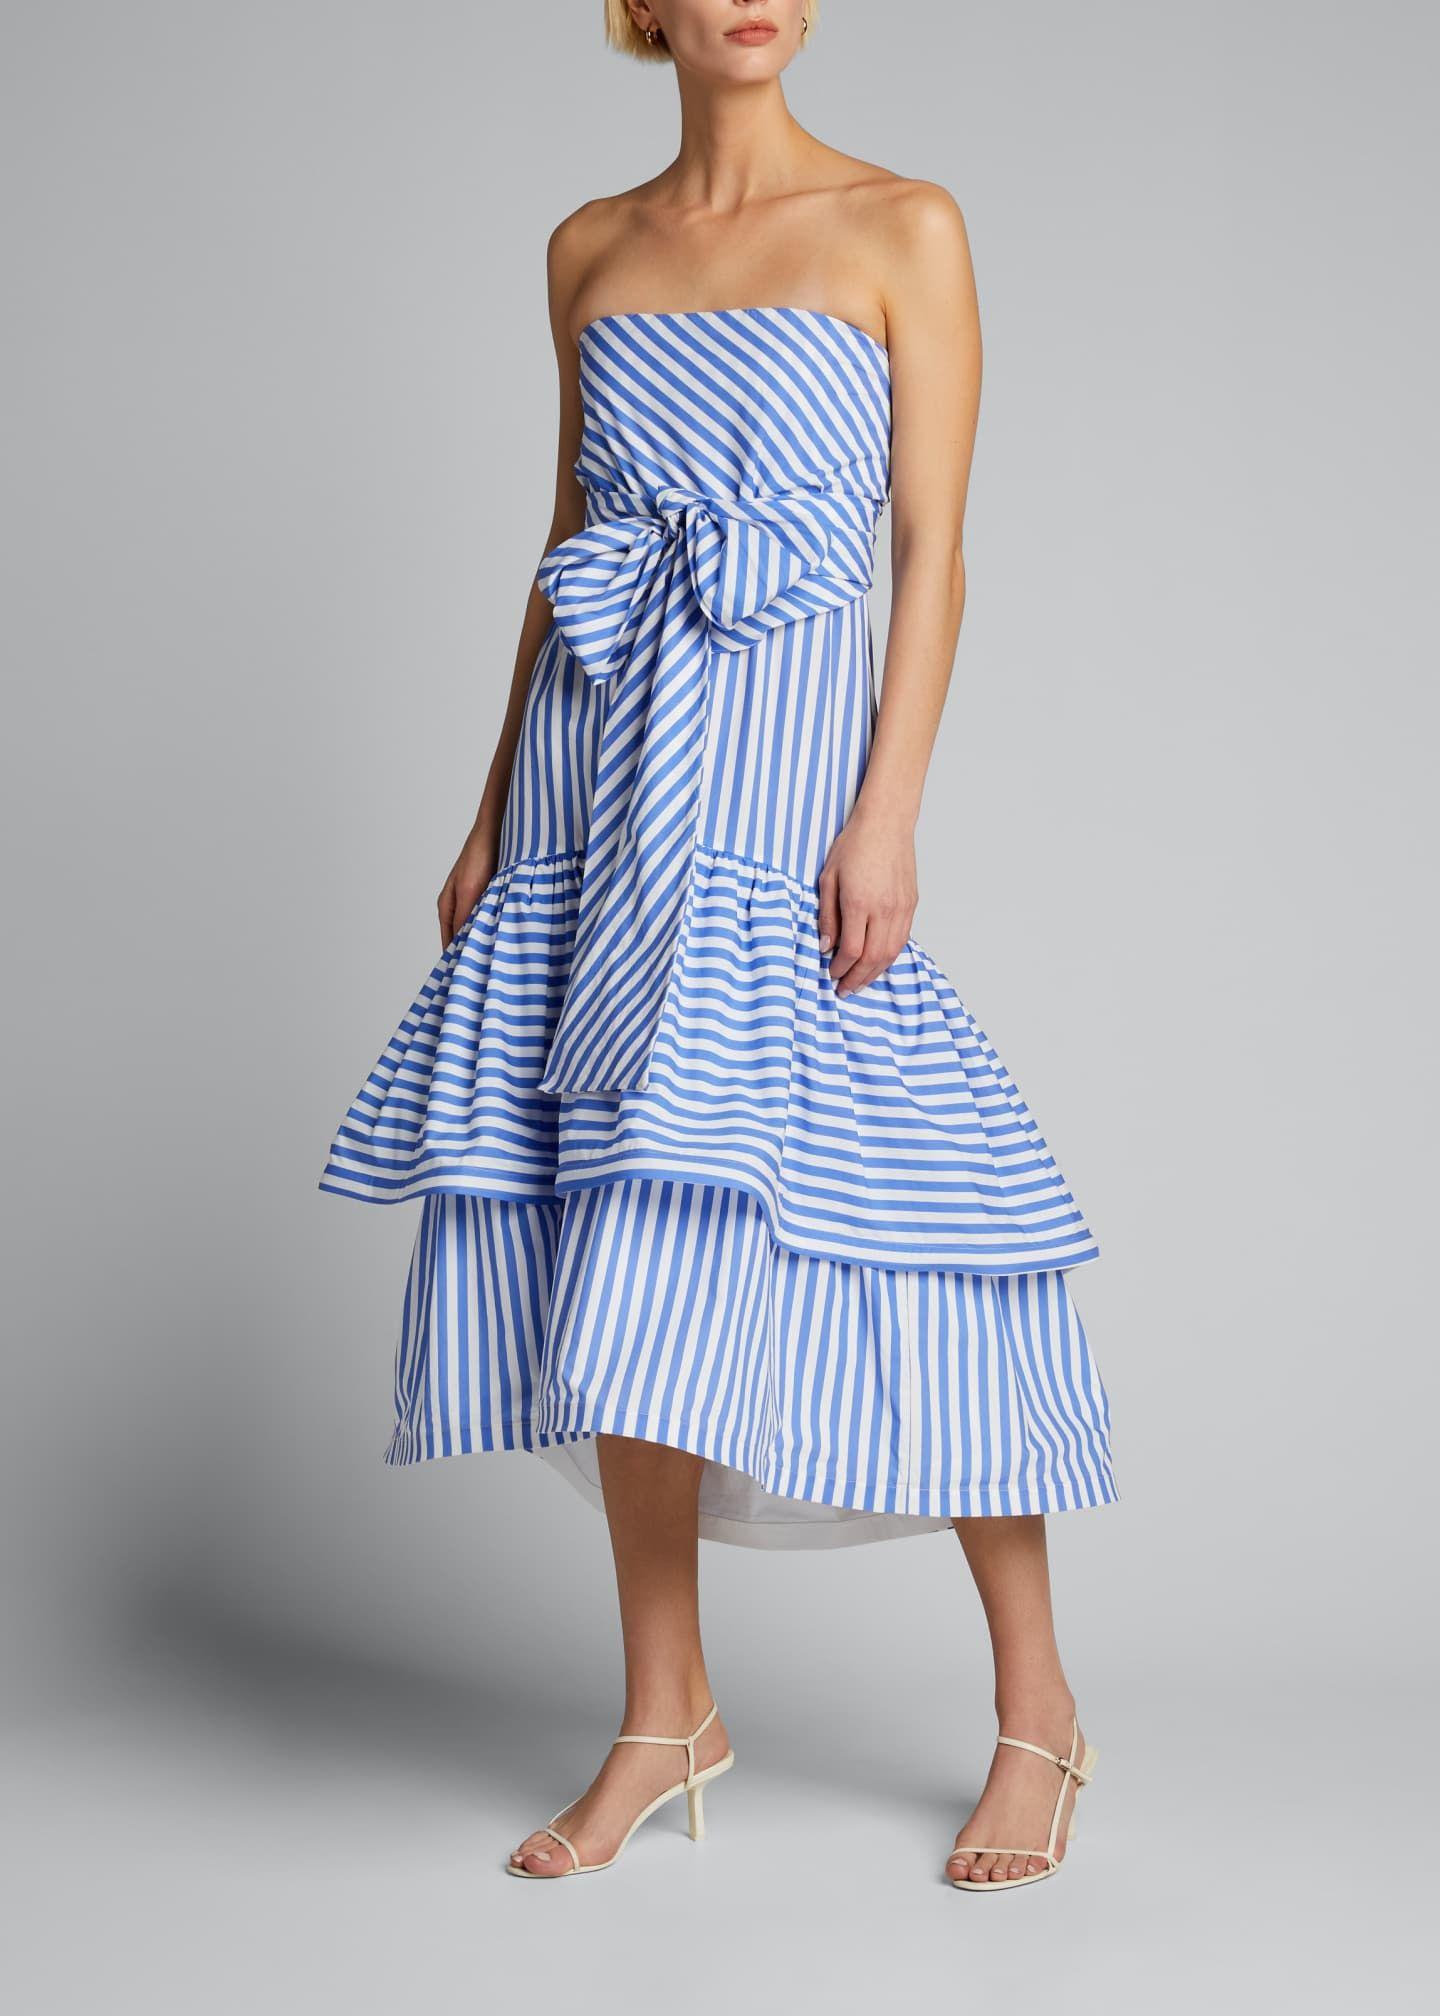 Silvia Tcherassi Striped Strapless Tiered Ruffle Dress Dresses Tiered Ruffle Dress Ruffle Dress [ 2016 x 1440 Pixel ]